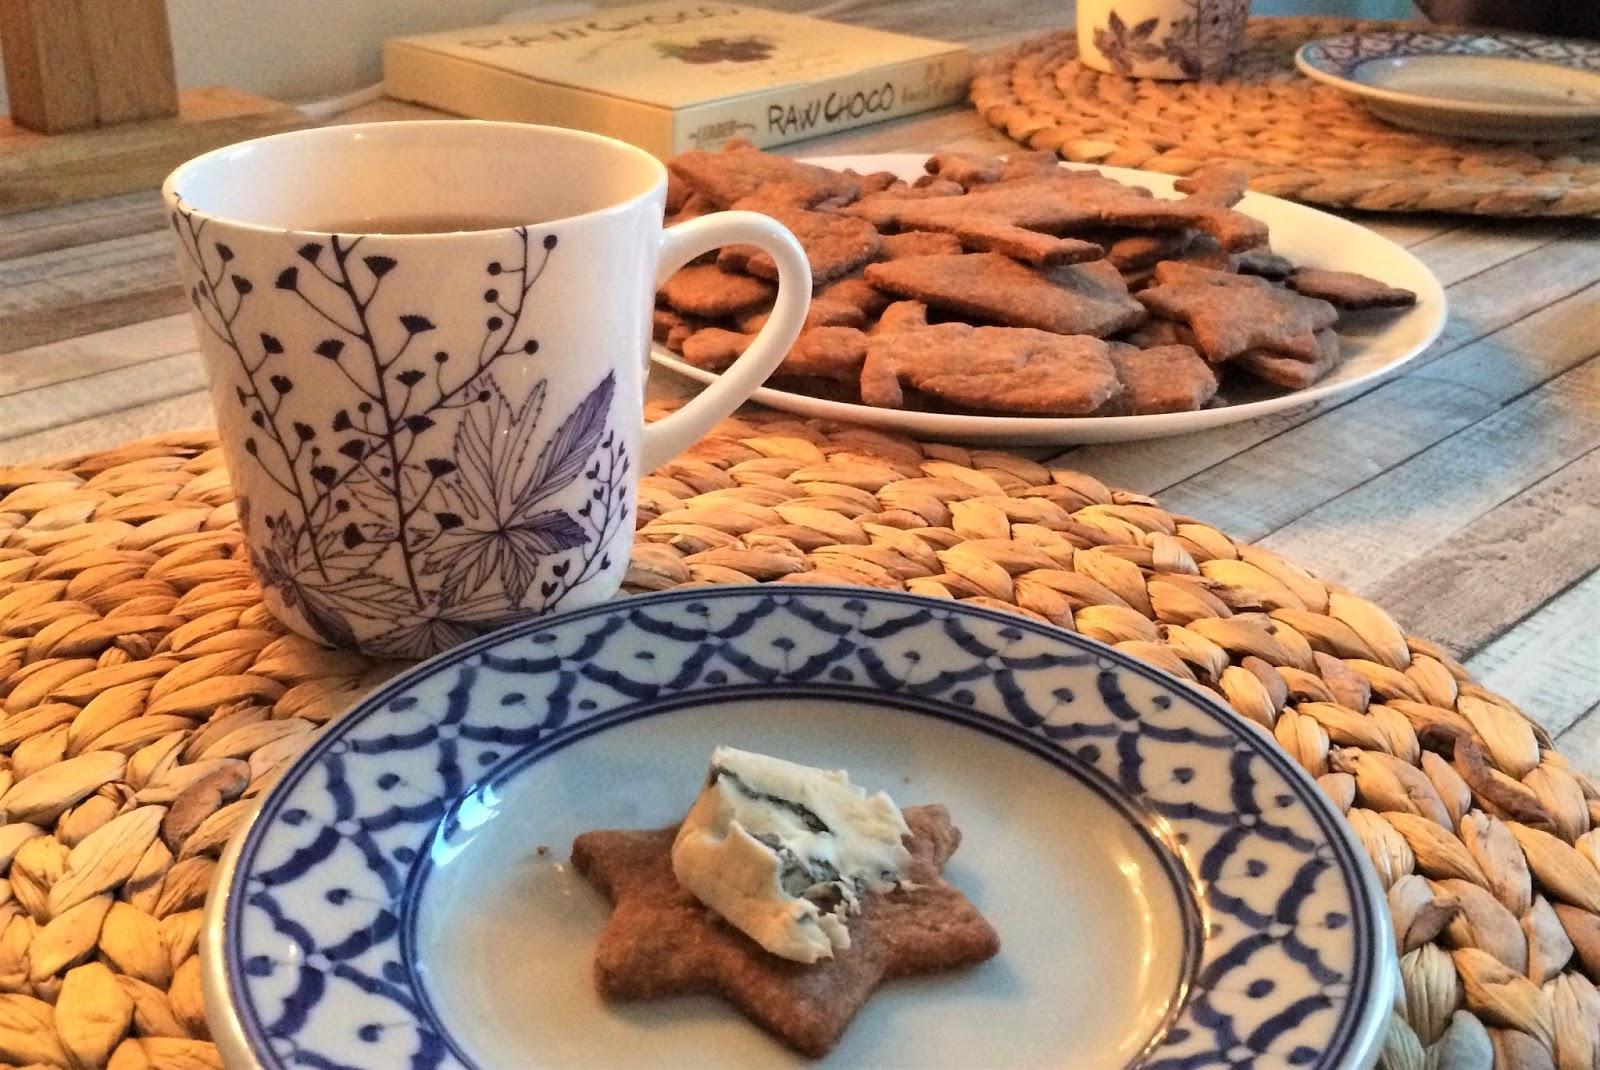 Terveellisempää jouluherkuttelua osa 3: Foodin piparkakunvalmistuspaketti